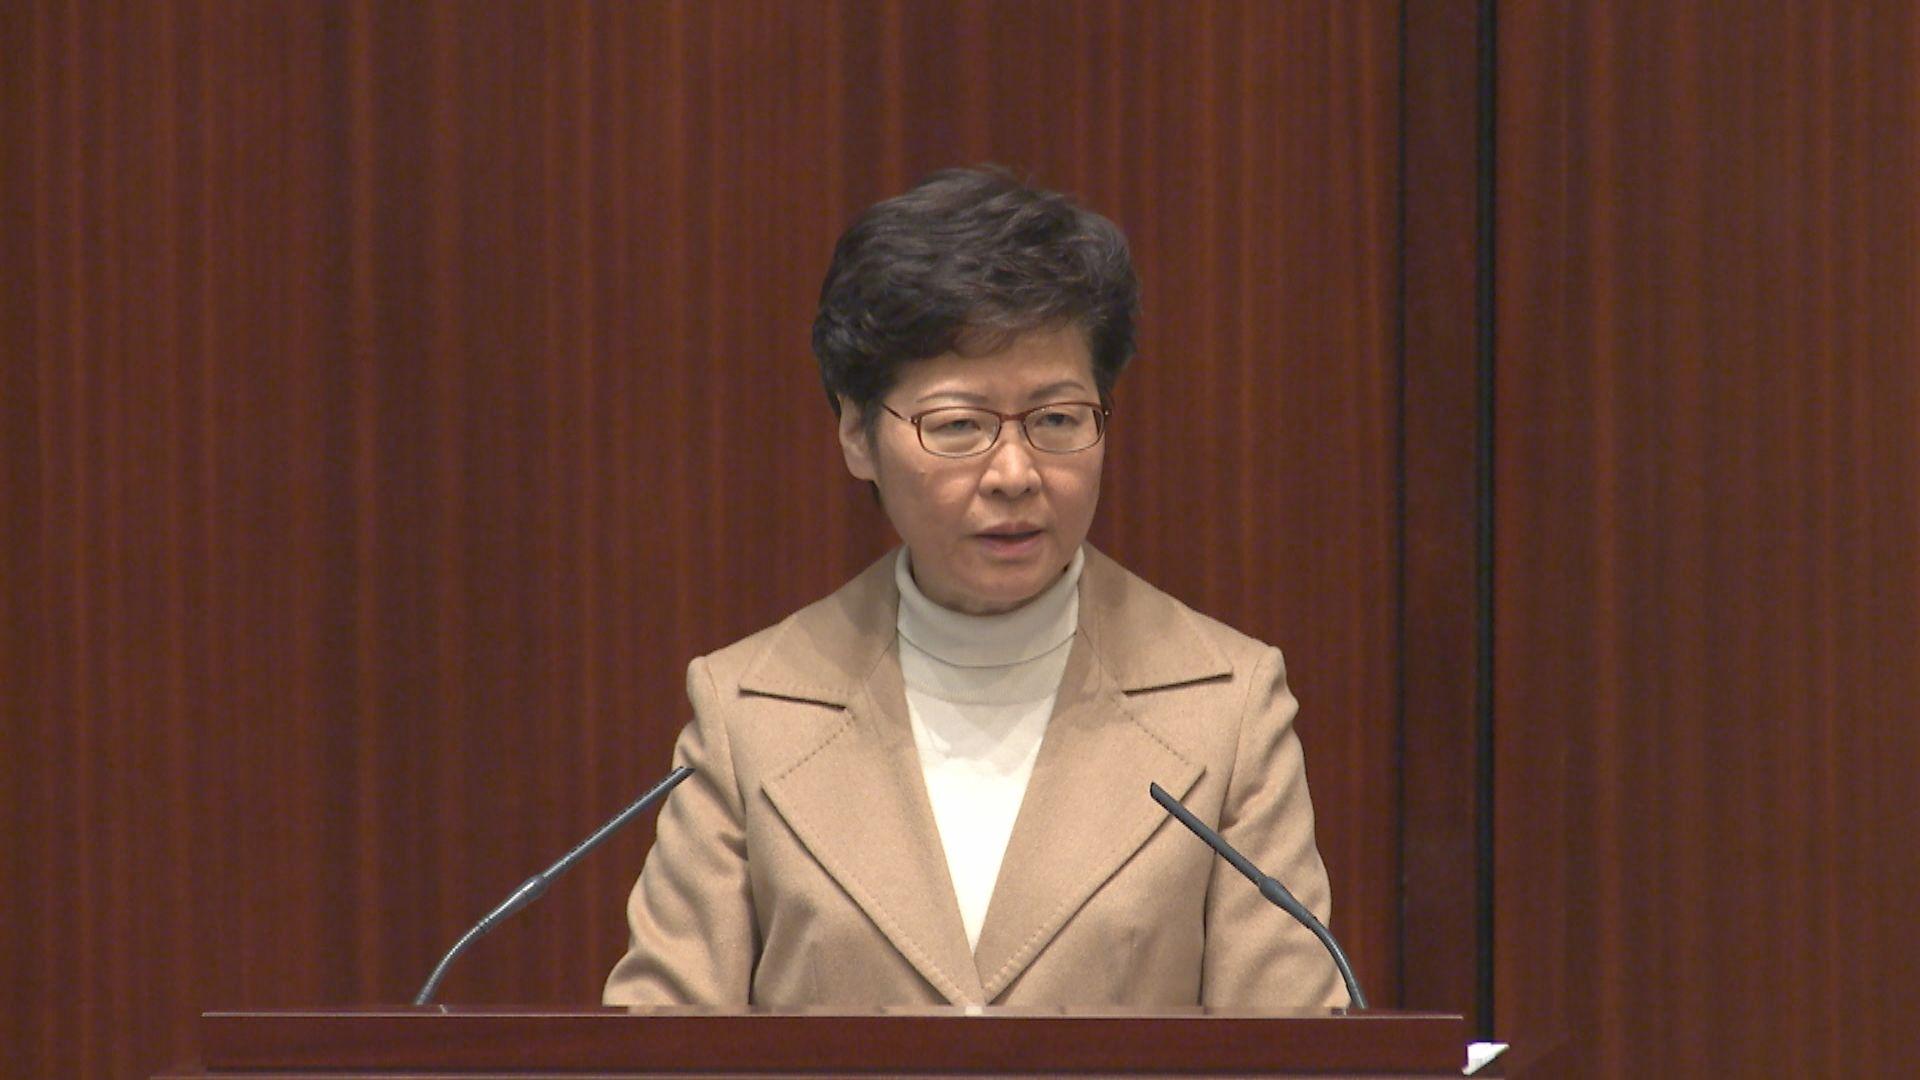 【最新】林鄭:下月公布獨立檢討委員會人選和細節